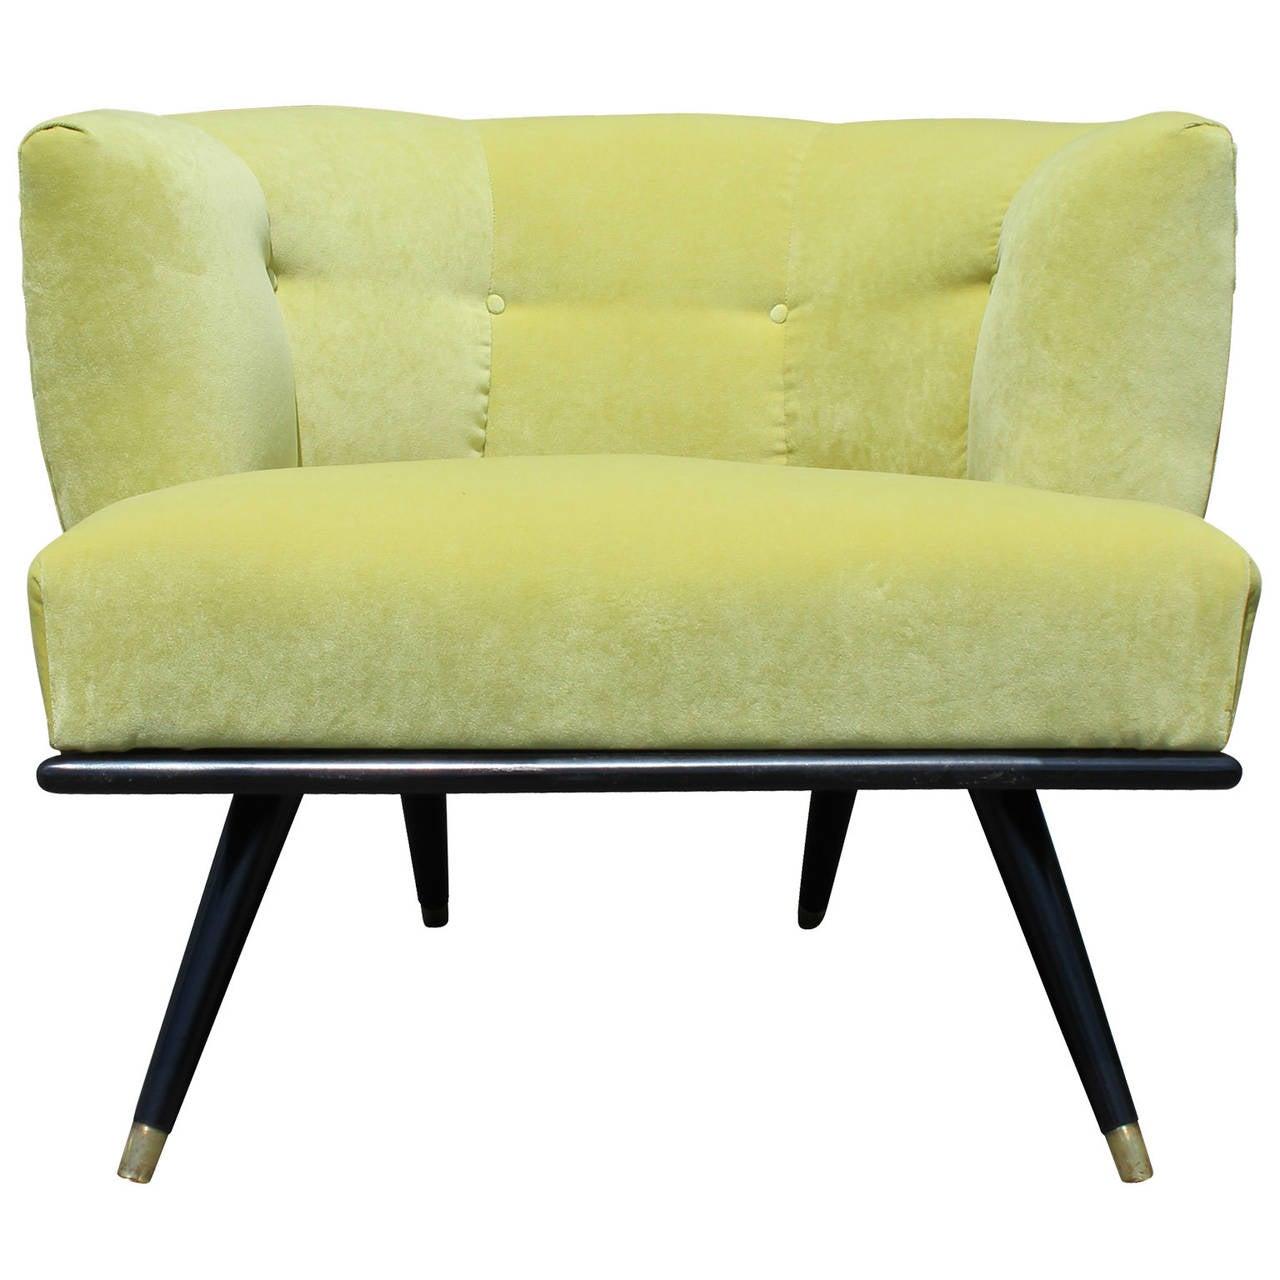 Modern Italian Style Barrel Back Chair In Green Velvet